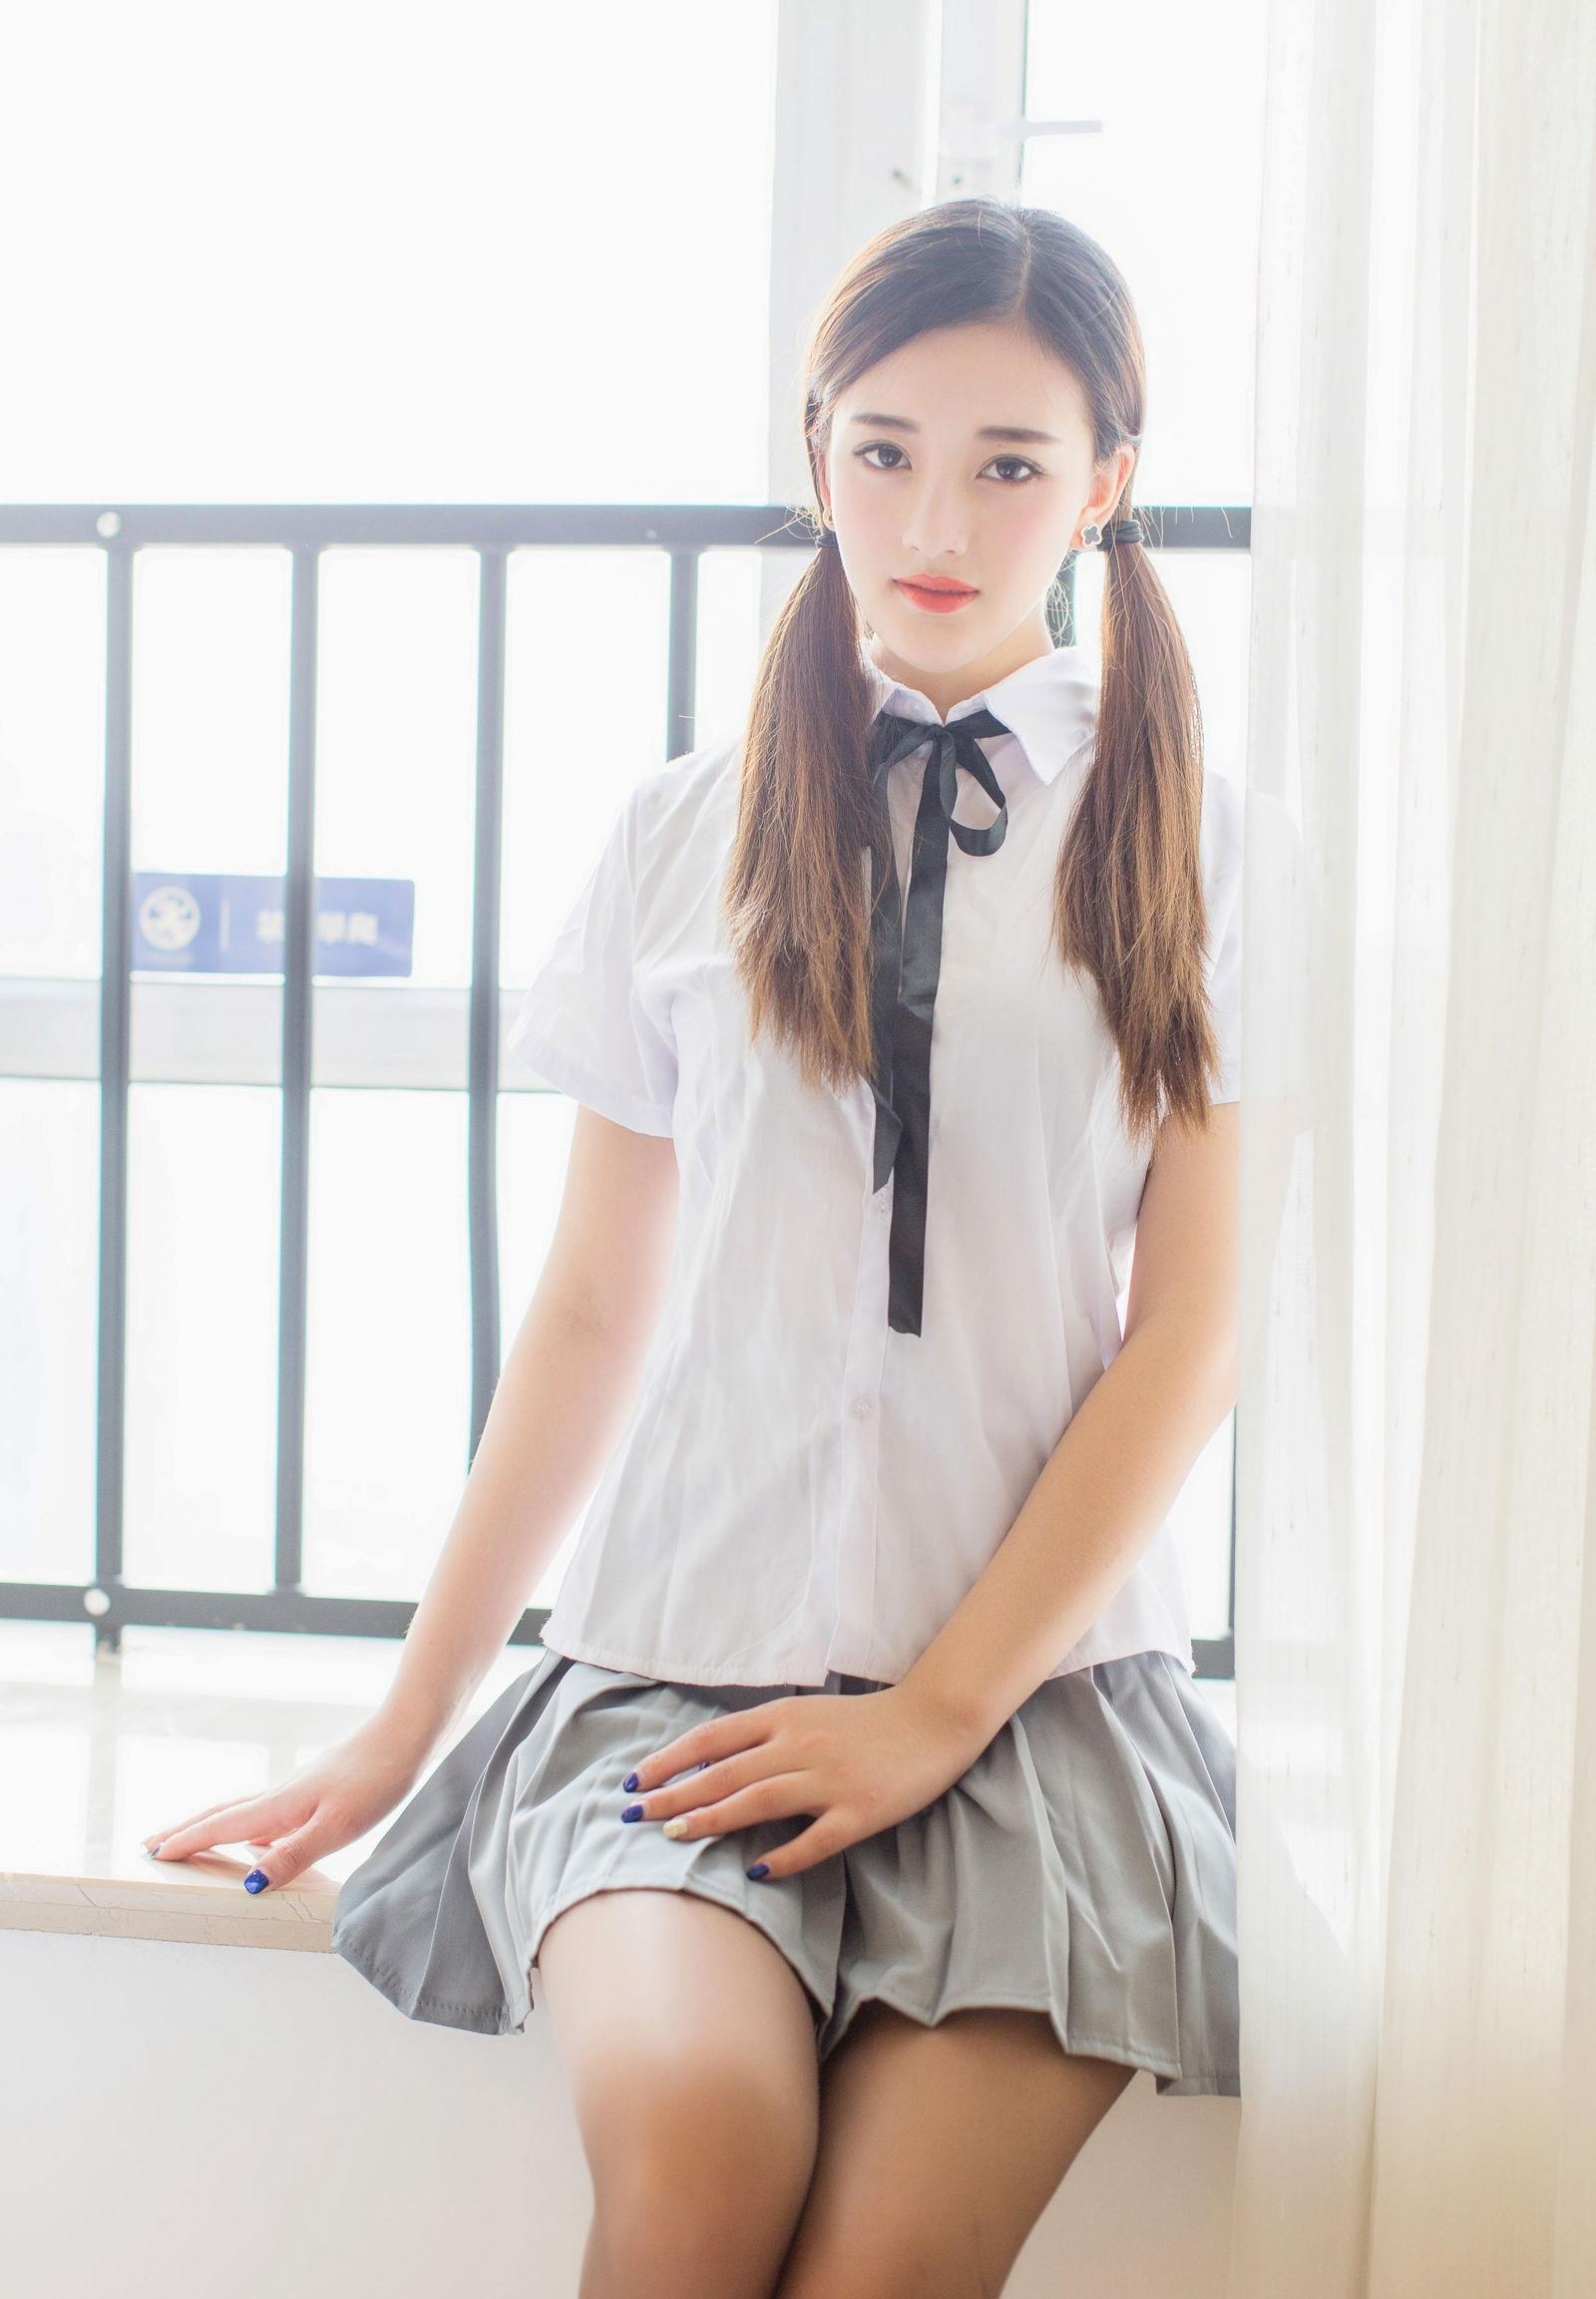 5SHK-280潮流美女百变造型散发时尚气息